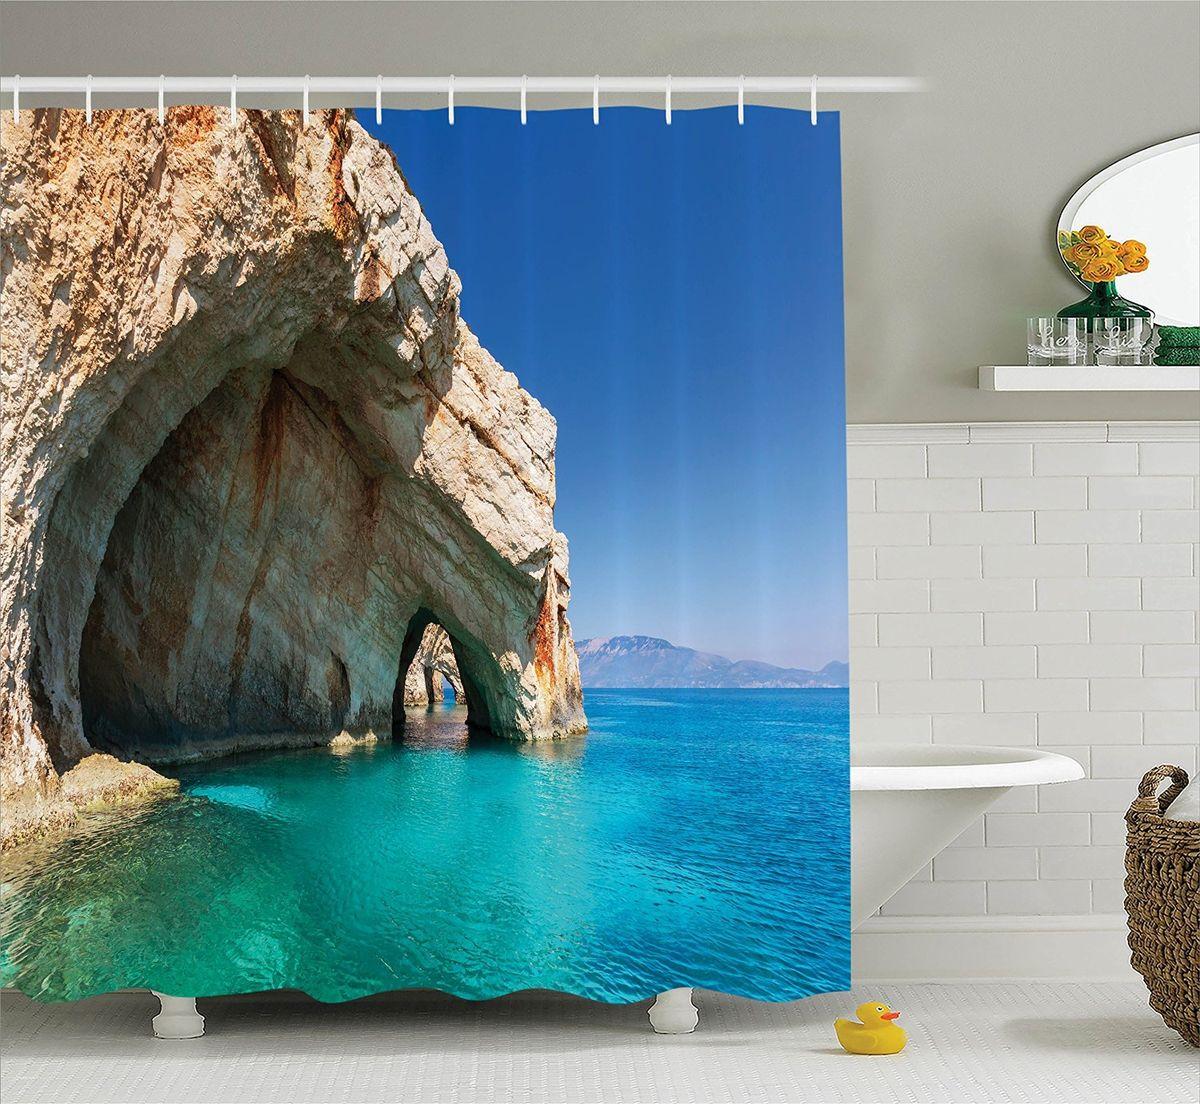 Штора для ванной комнаты Magic Lady Морская пещера, 180 х 200 см33313Штора Magic Lady Морская пещера, изготовленная из высококачественного сатена (полиэстер 100%), отлично дополнит любой интерьер ванной комнаты. При изготовлении используются специальные гипоаллергенные чернила для прямой печати по ткани, безопасные для человека.В комплекте: 1 штора, 12 крючков. Обращаем ваше внимание, фактический цвет изделия может незначительно отличаться от представленного на фото.